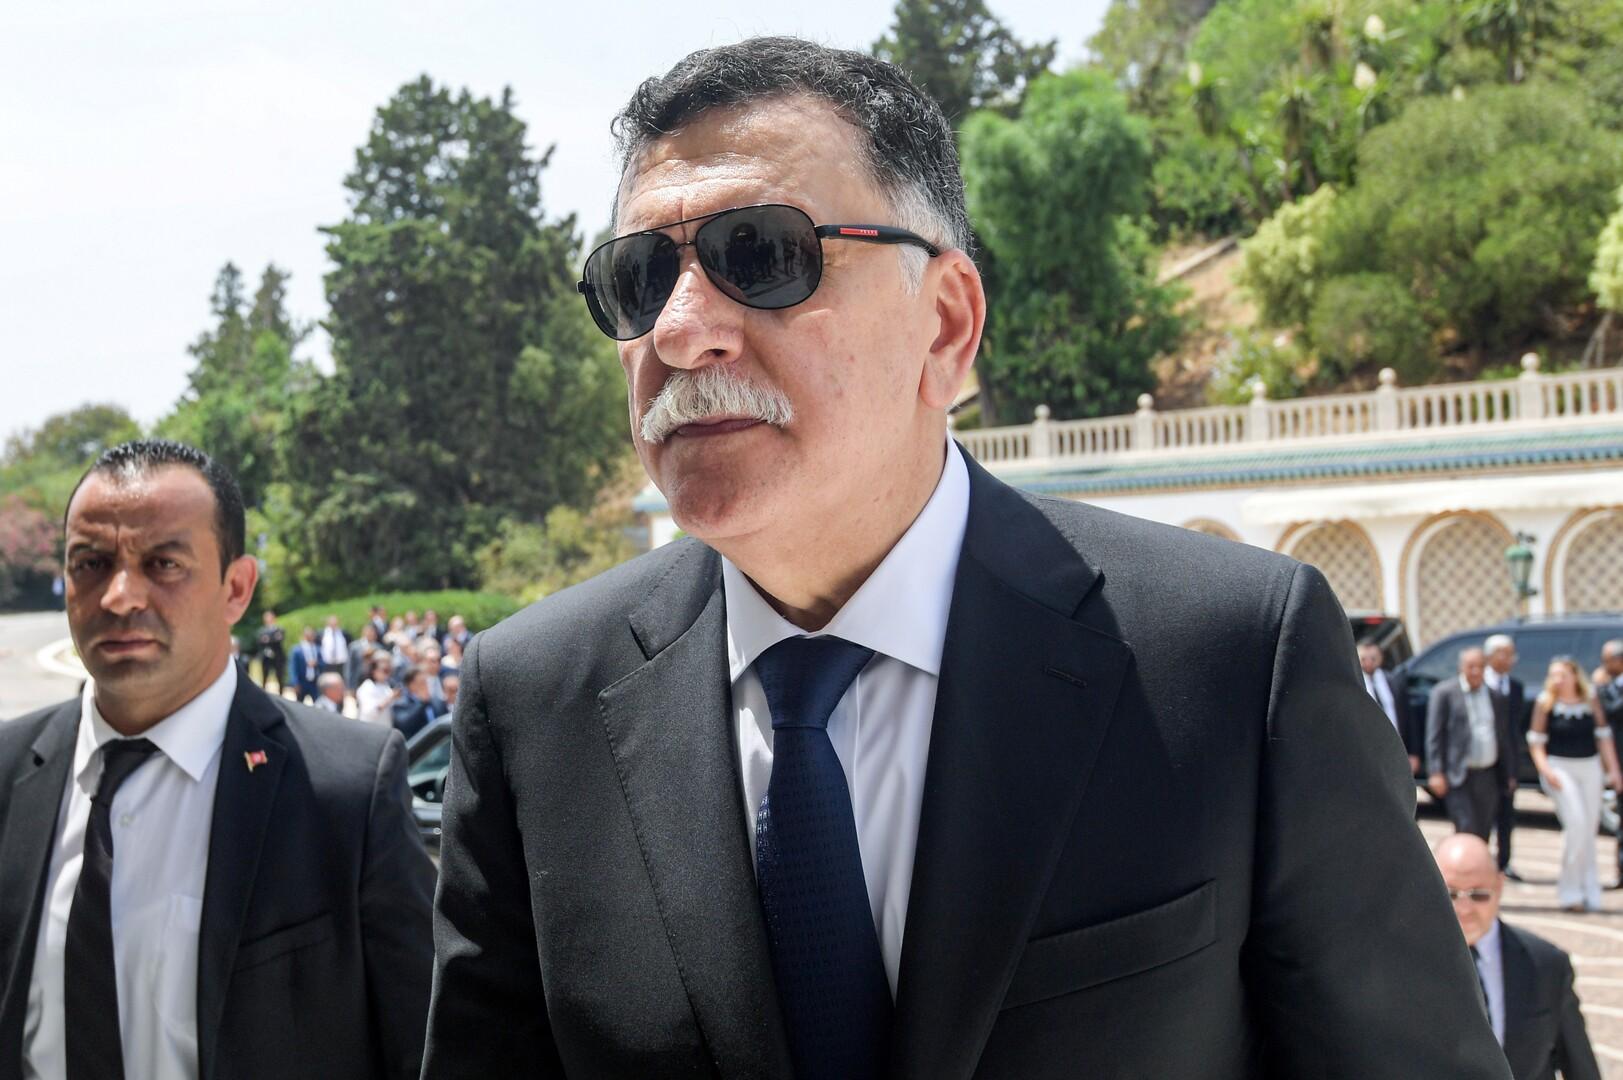 السراج يترأس الوفد الليبي للمشاركة في قمة